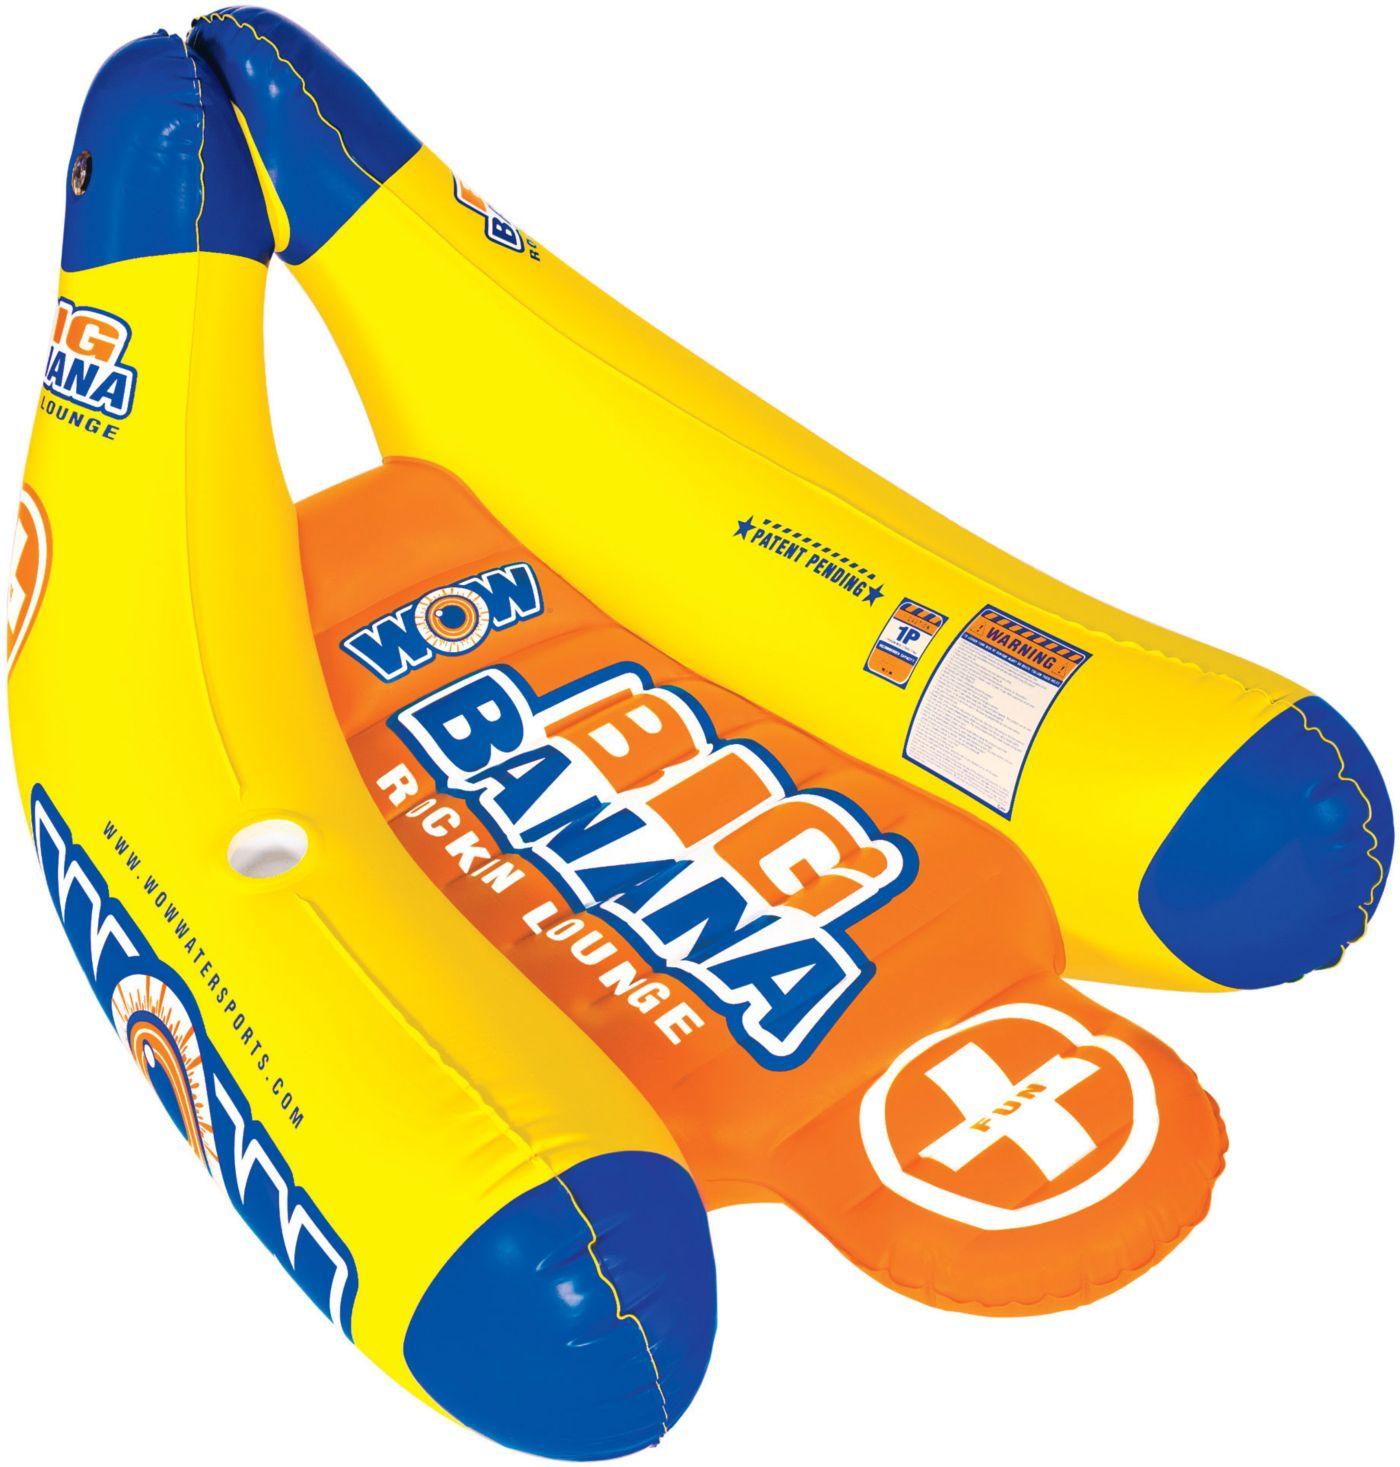 WOW Big Banana Lounger